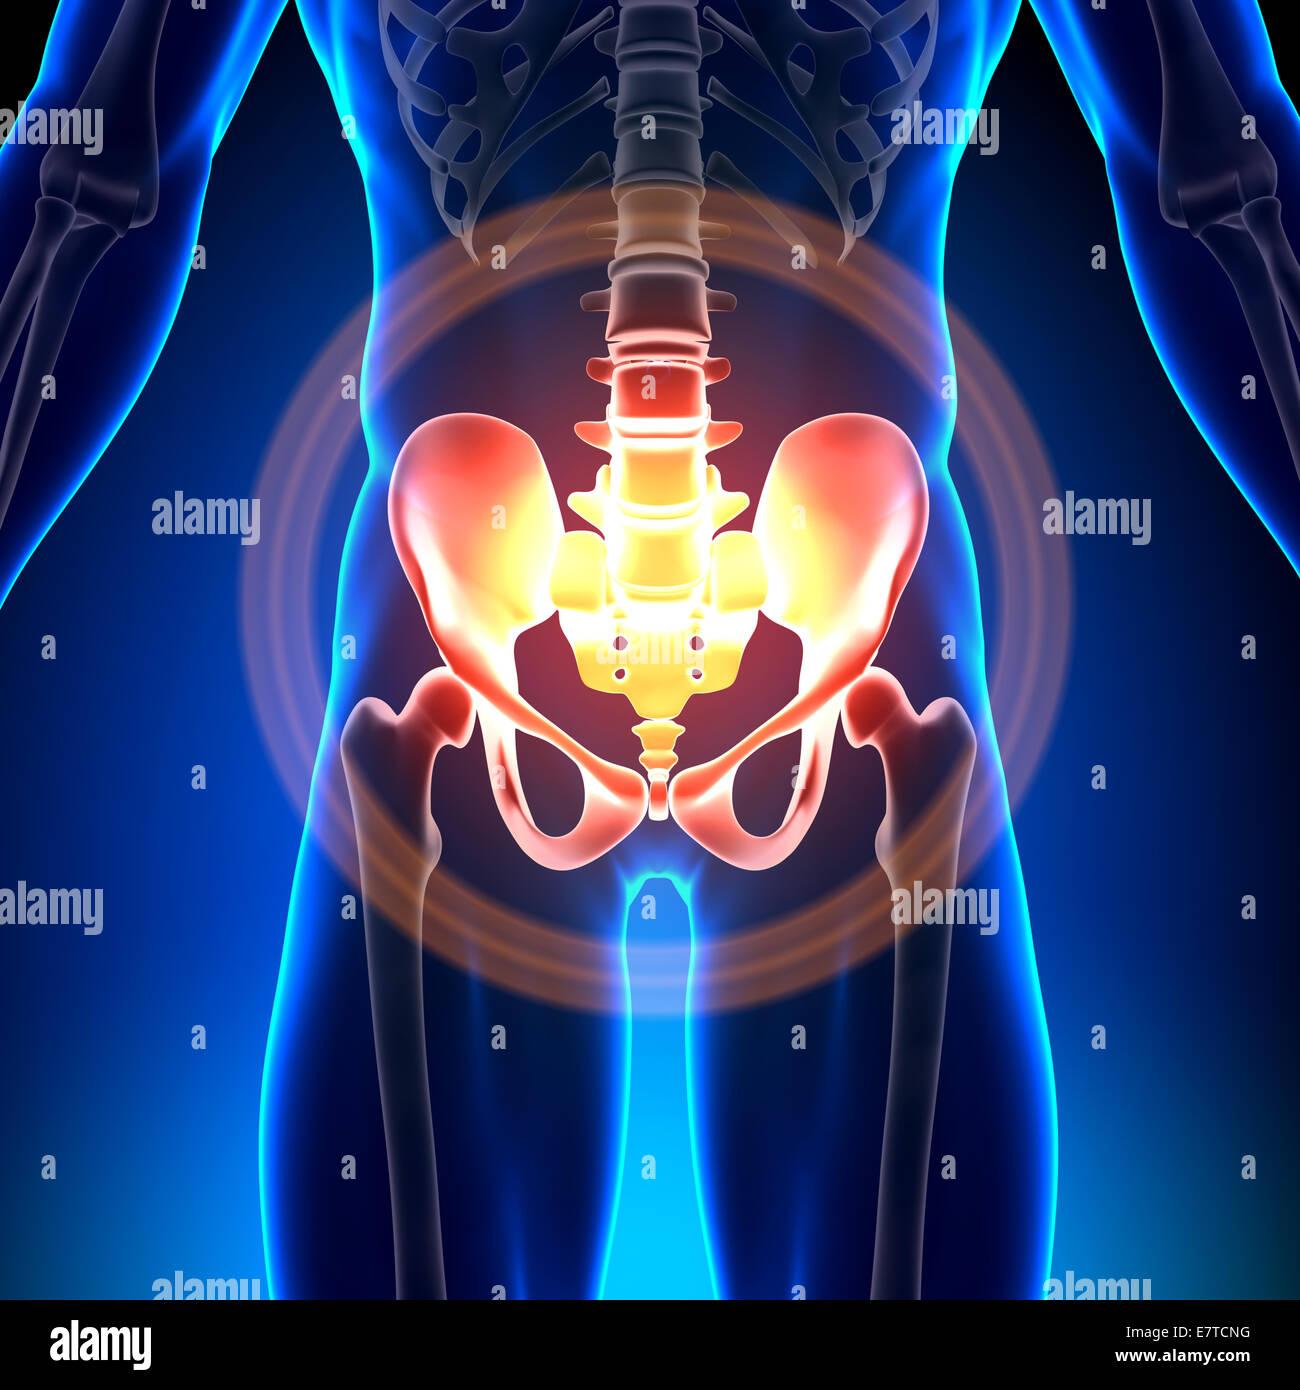 Hip / Sacrum / Pubis / Ischium / Ilium - Anatomy Bones Stock Photo ...